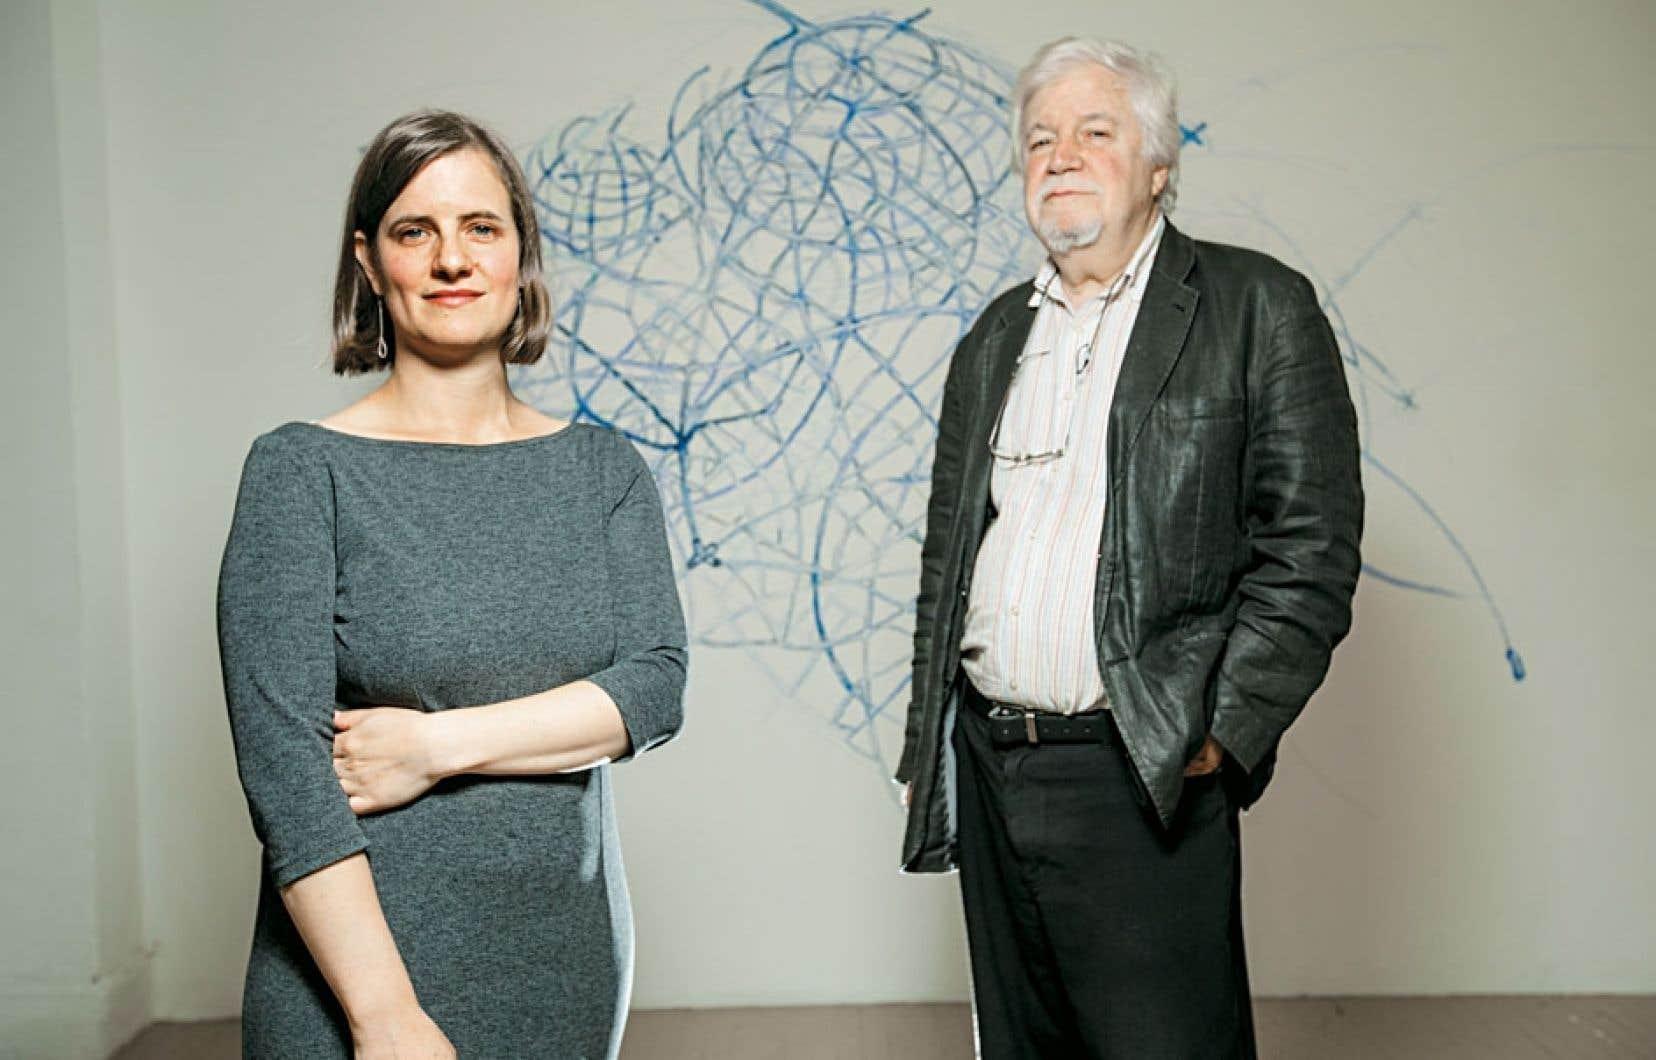 Geneviève Goyer-Ouimette, une touche-à-tout, prend le relais de Maurice Achard, spécialiste de l'art inuit et de l'art public, en poste depuis un quart de siècle.